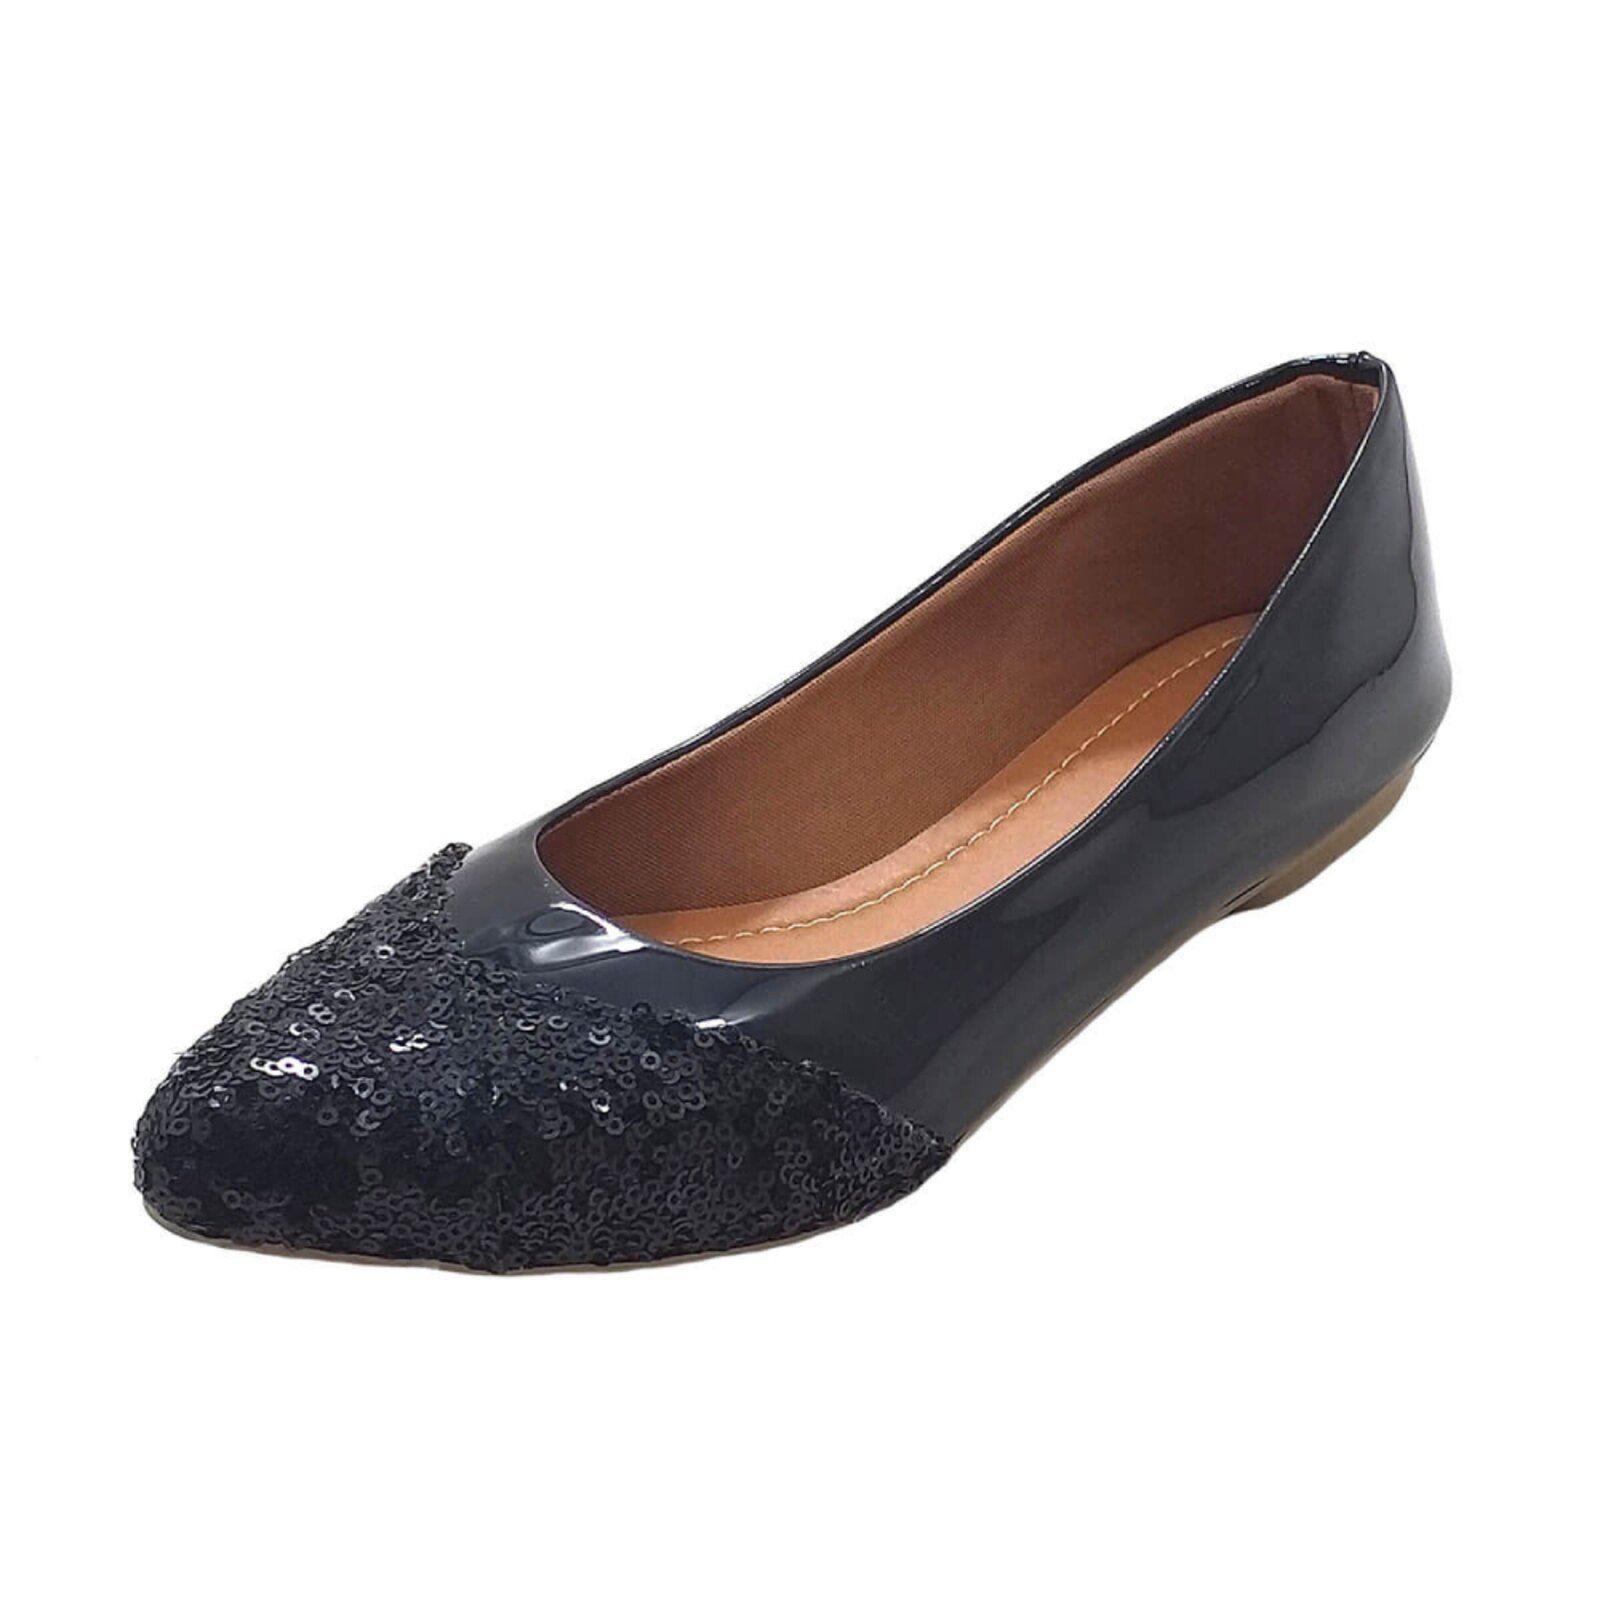 Sapatilha Maisapato Verniz Preto Preto Sapatilhas Sapatos E Preto